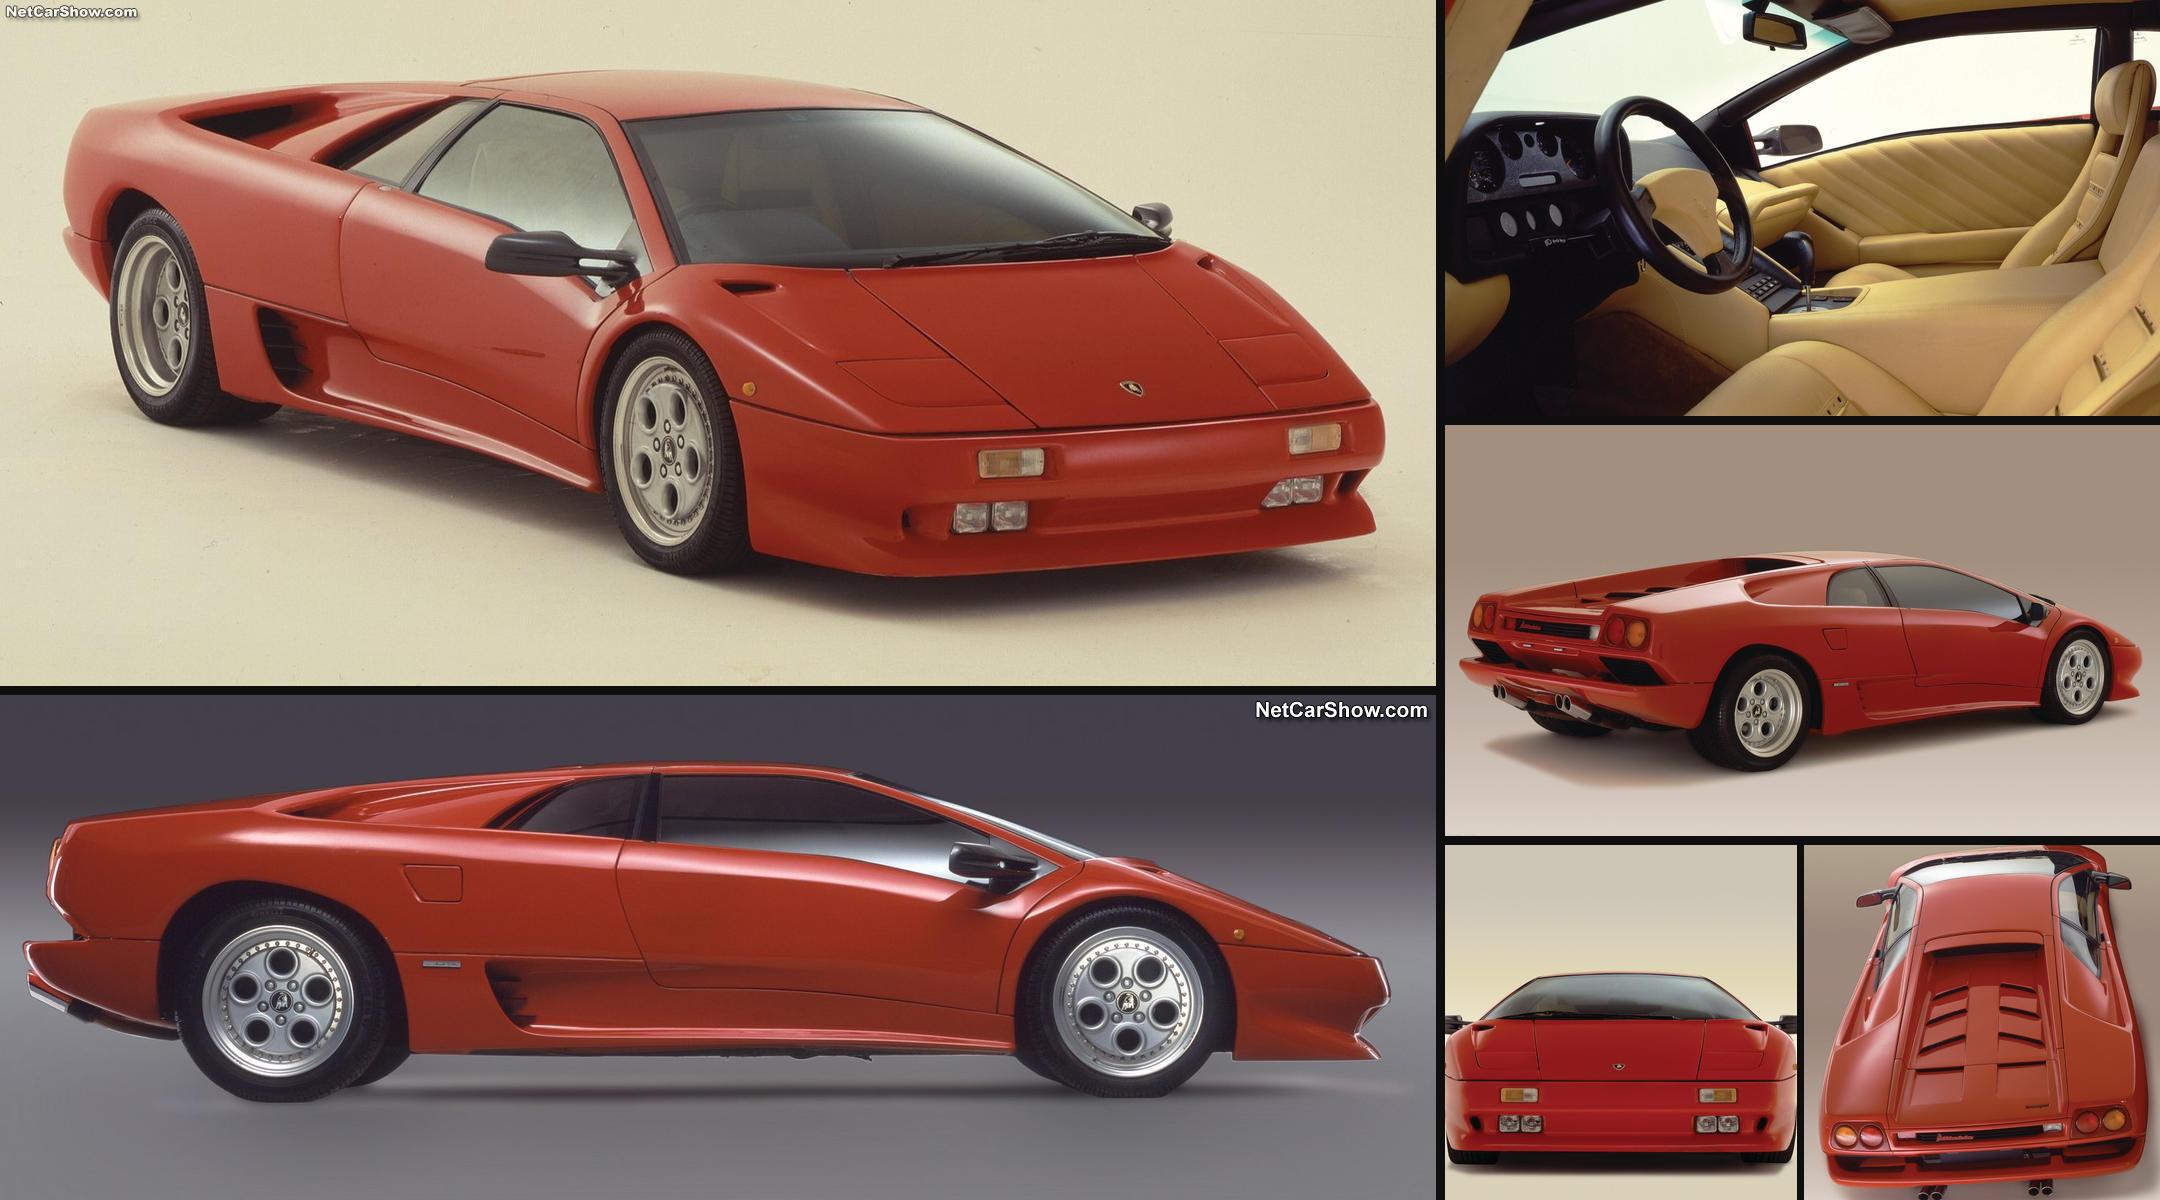 Lamborghini-Diablo-1990-ig.jpg